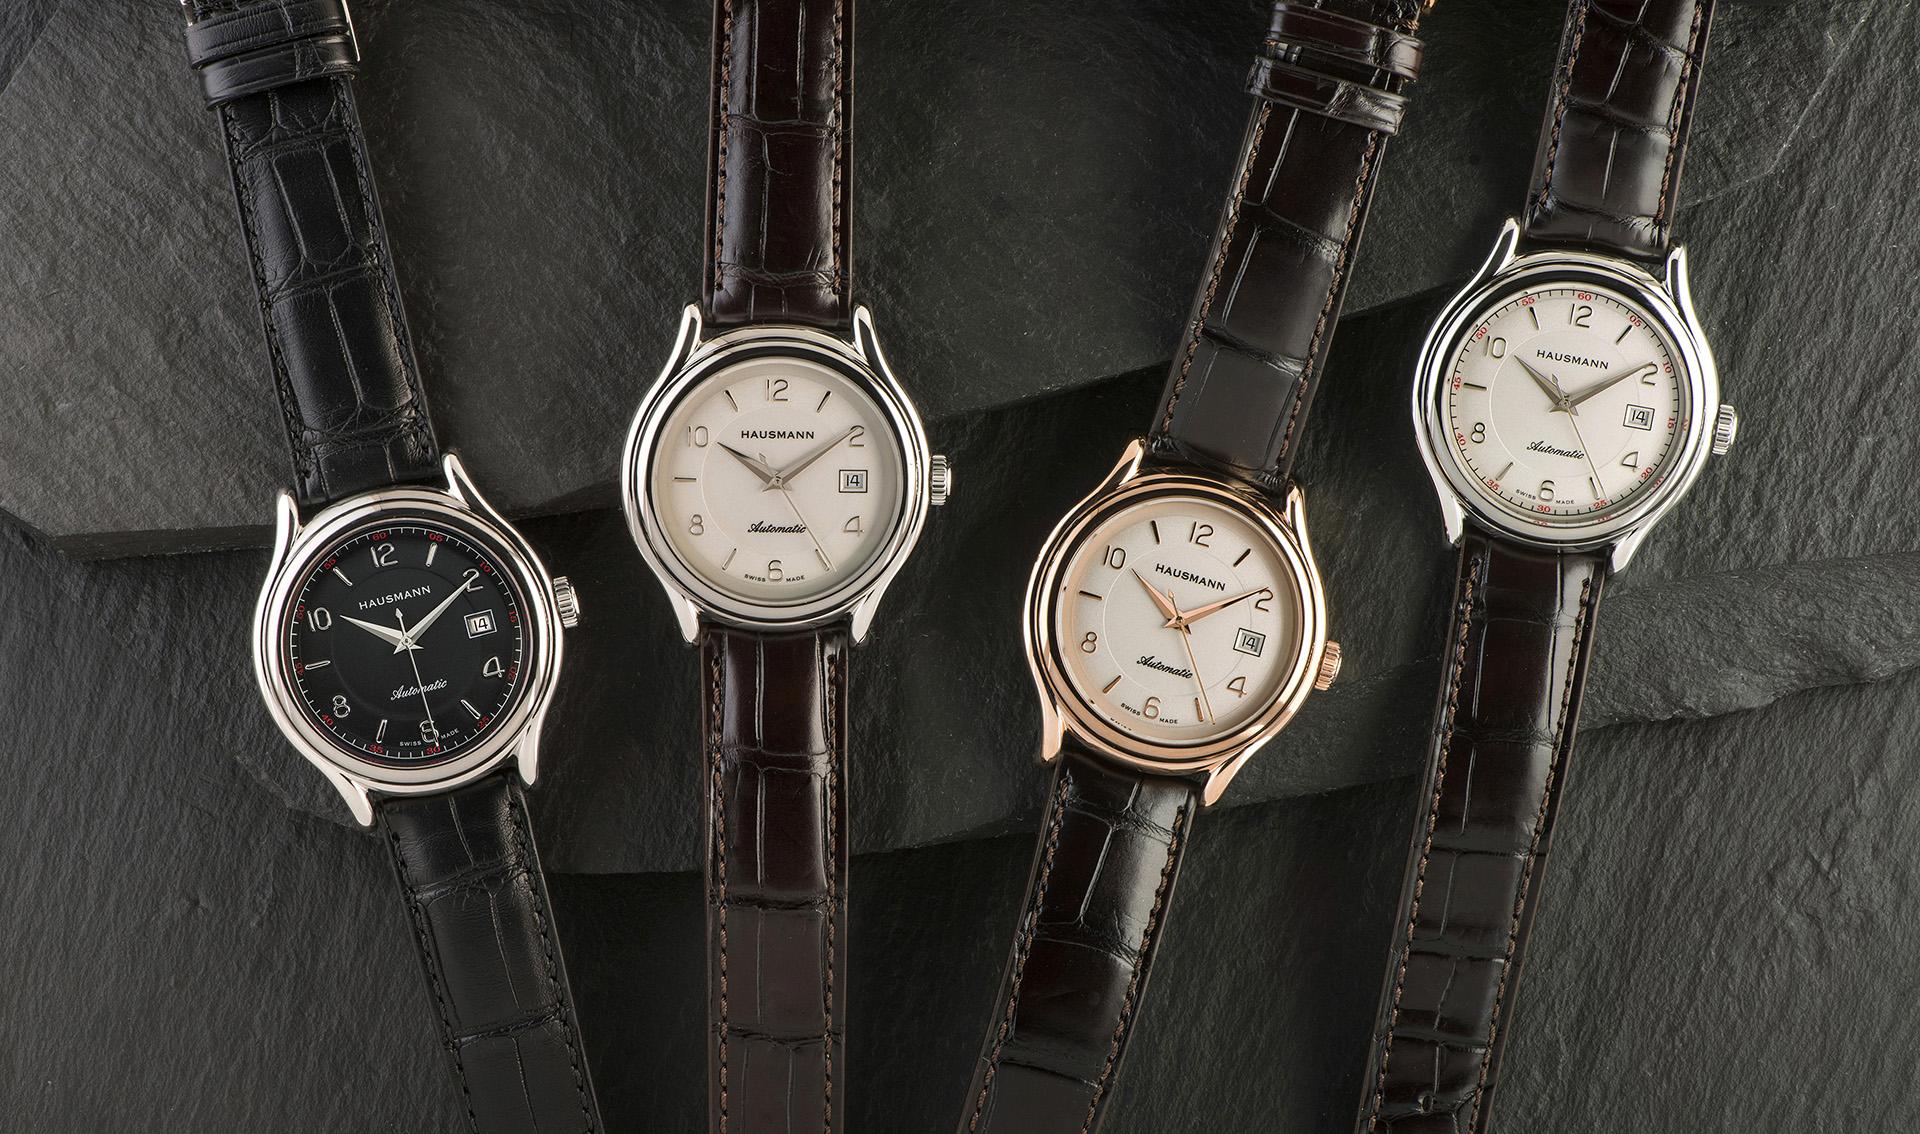 La collezione completa di orologi automatici Hausmann & Co.